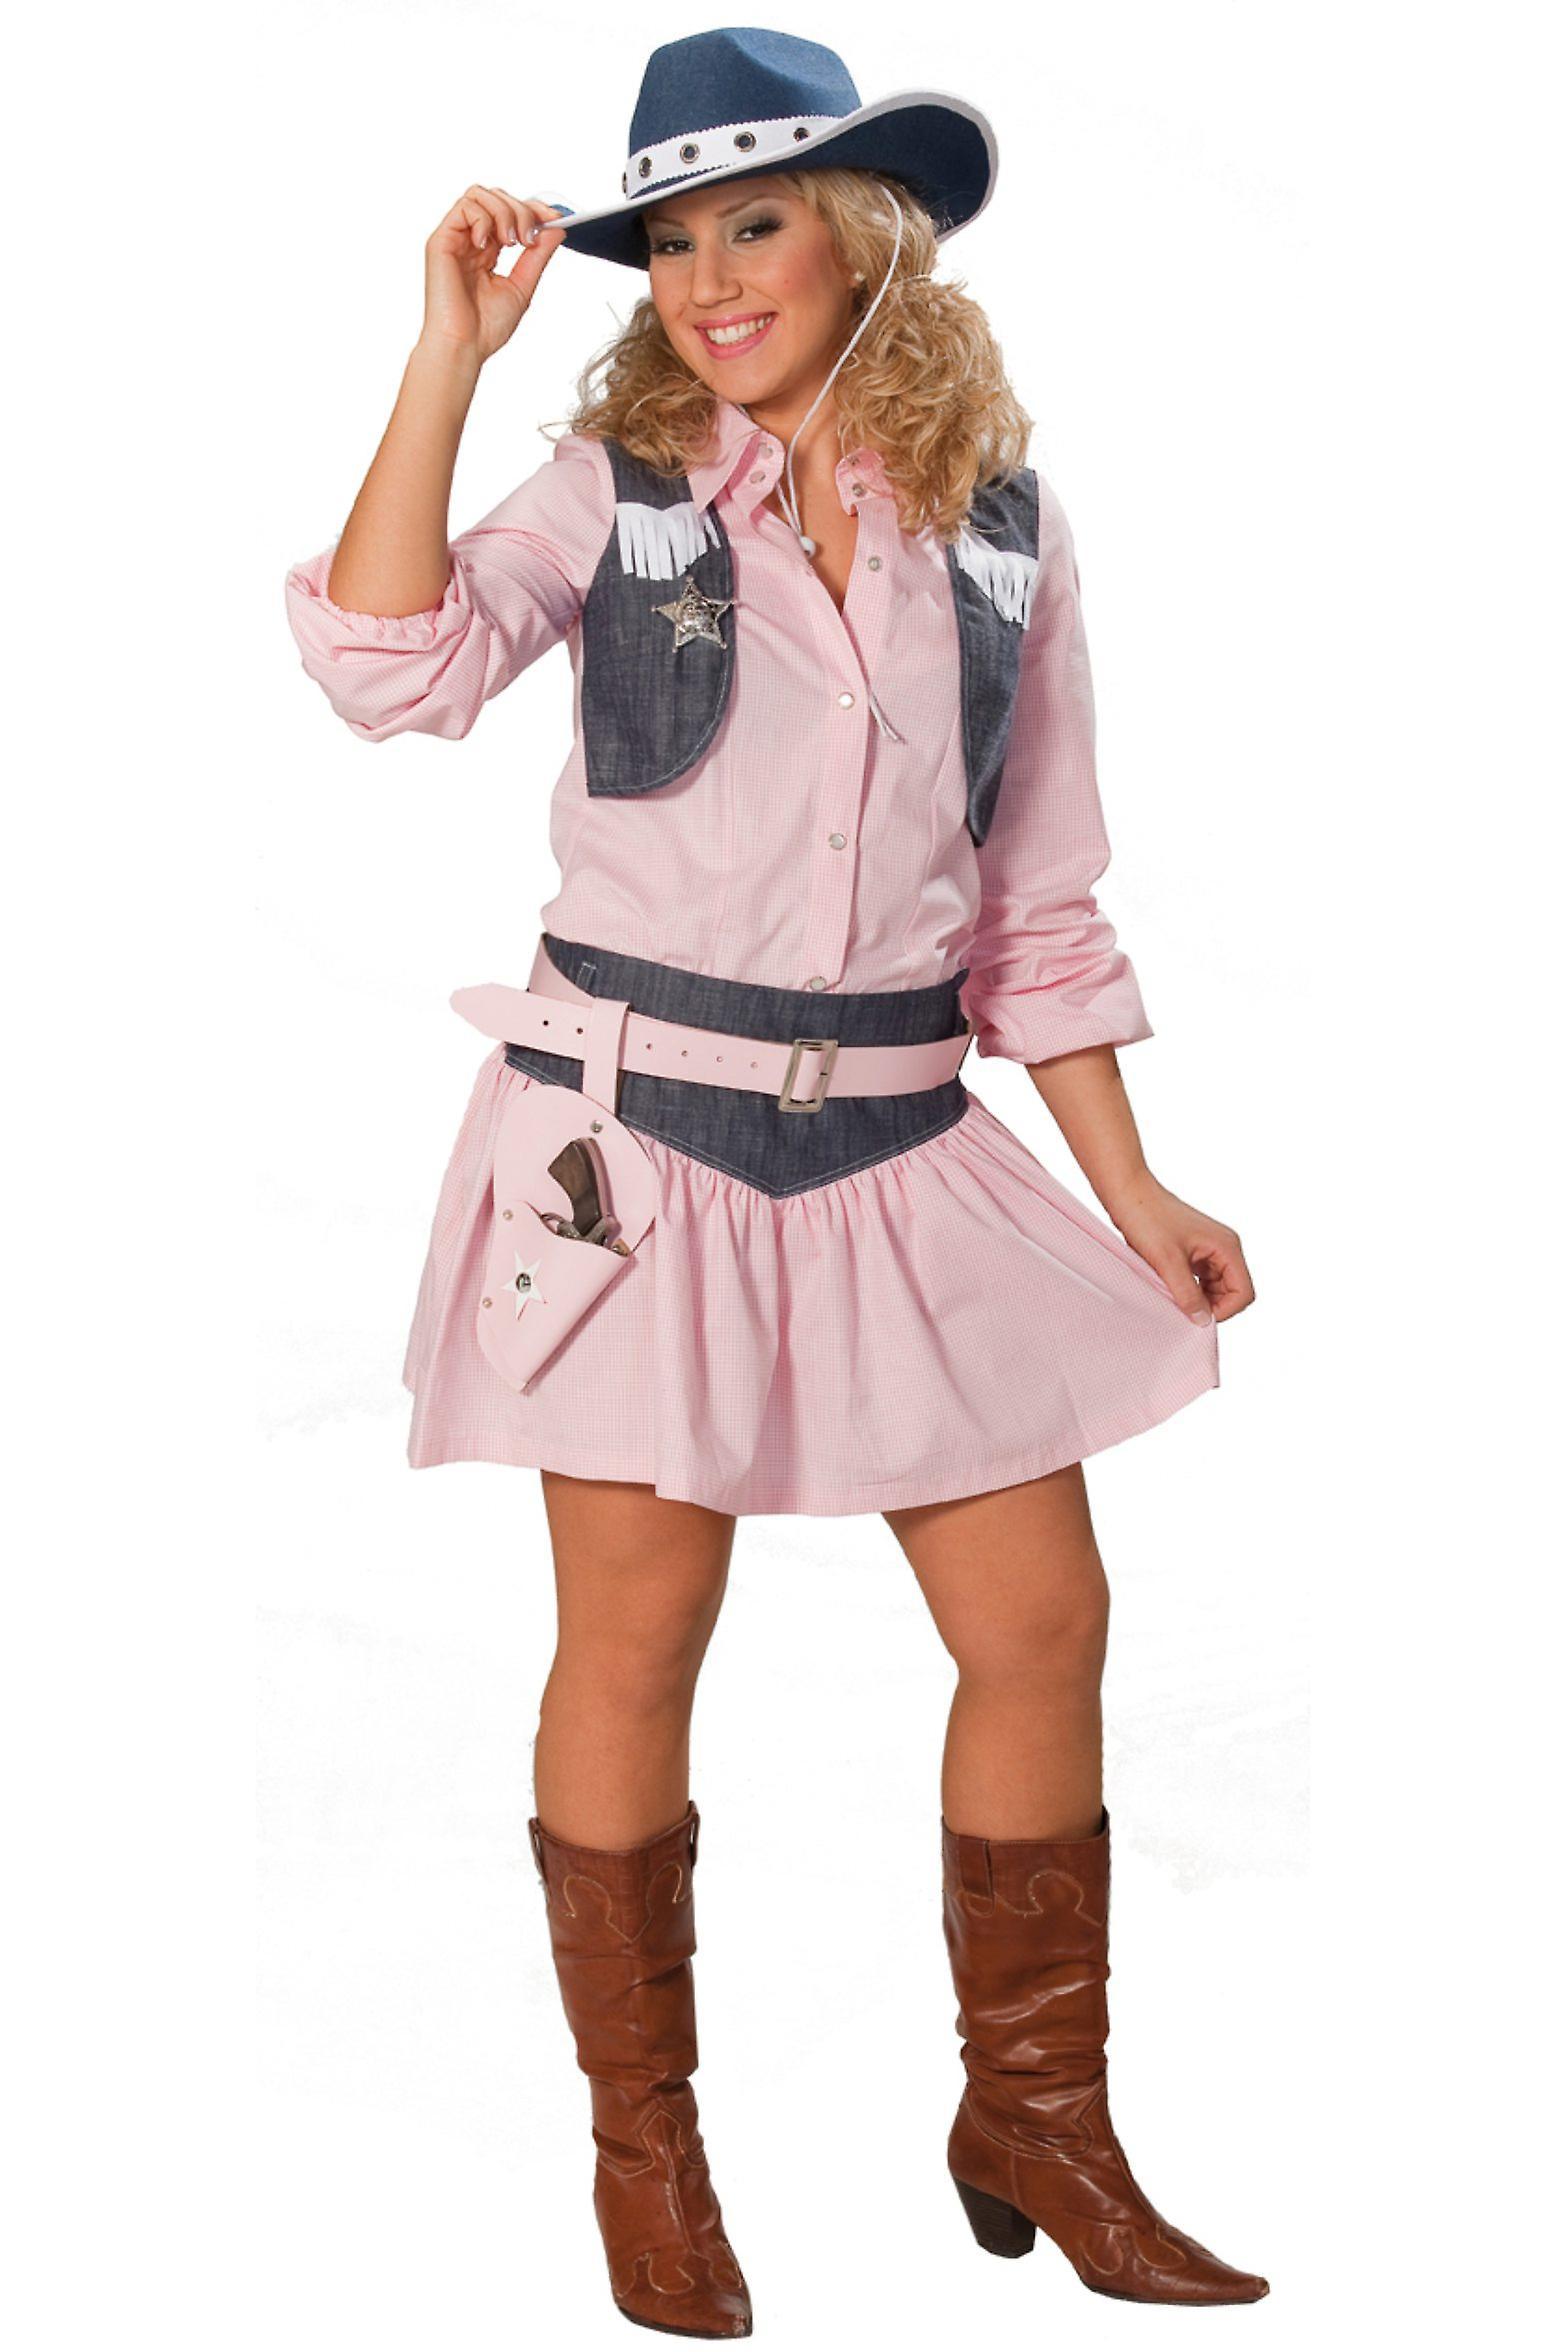 Kostuums Dames.Vrouwen Kostuums Dames Roze Cowgirl Gekostumeerd